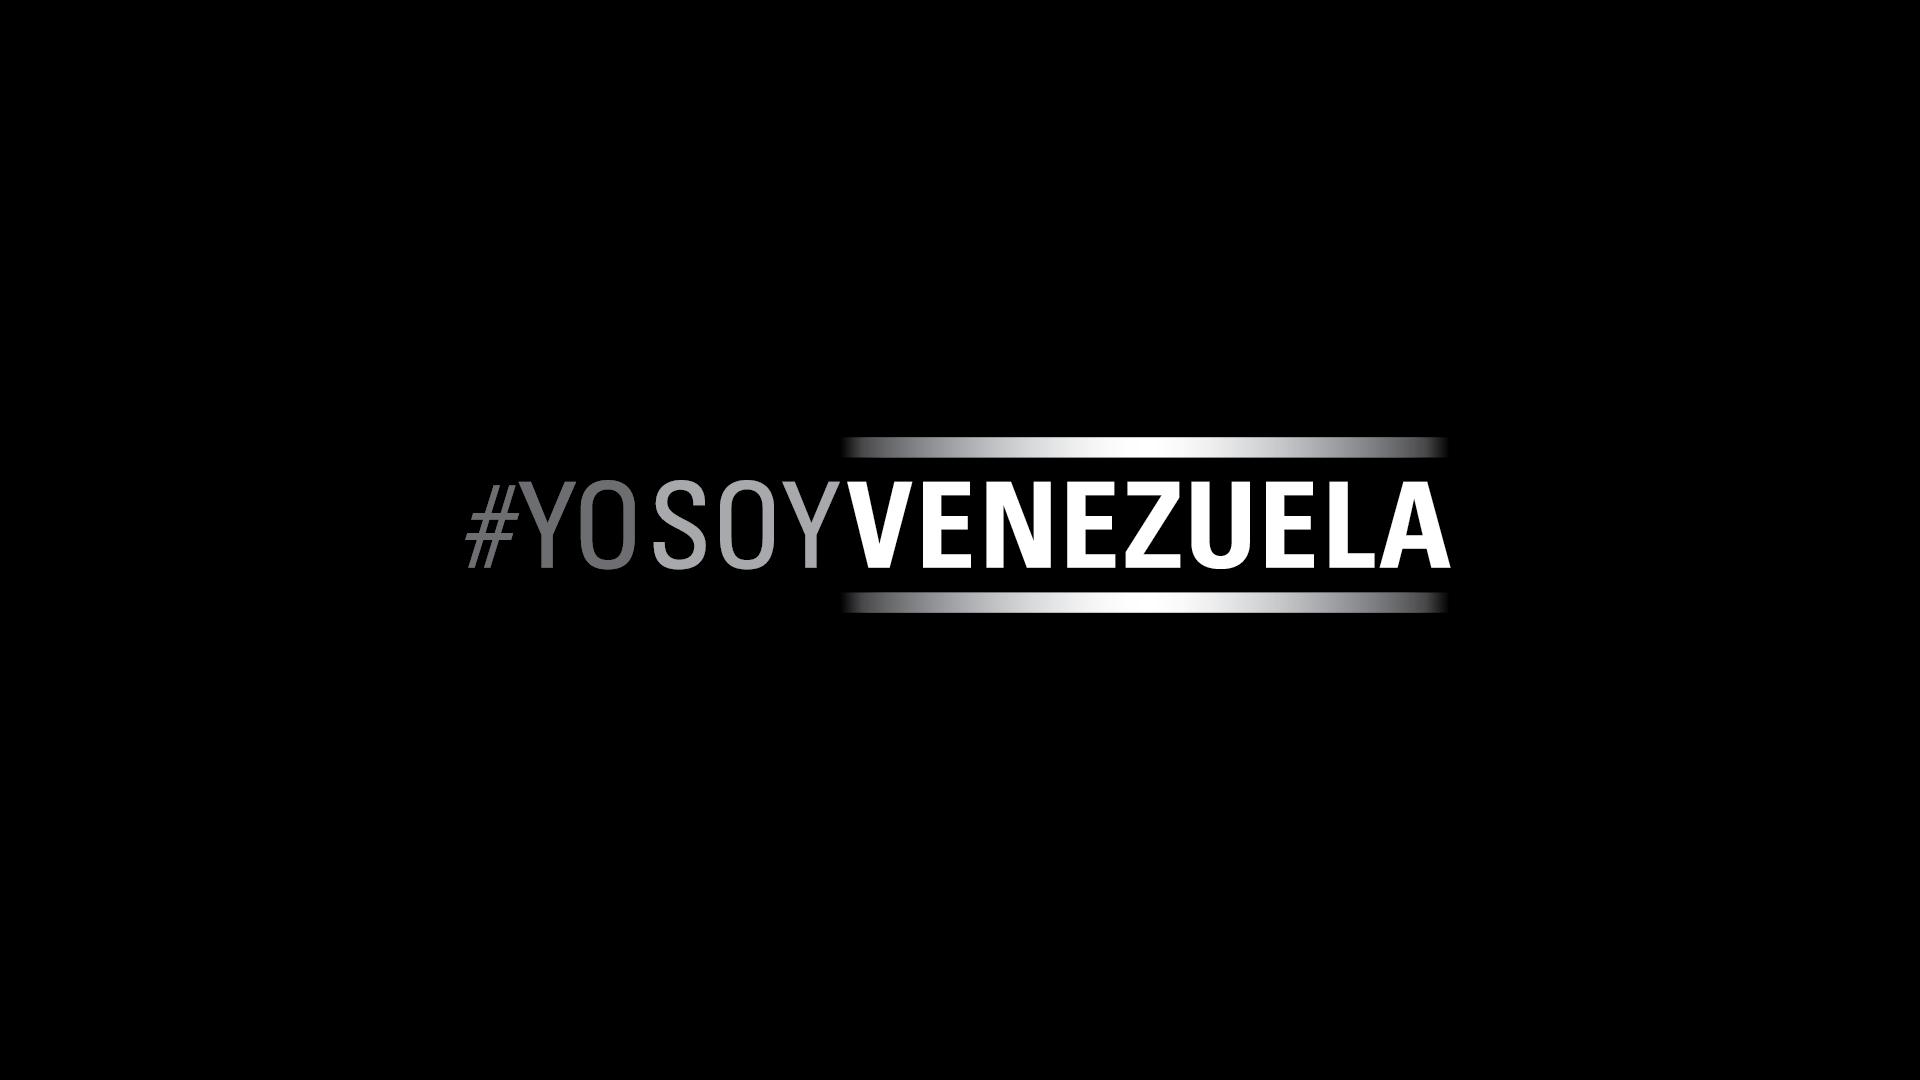 yo soy venezuela